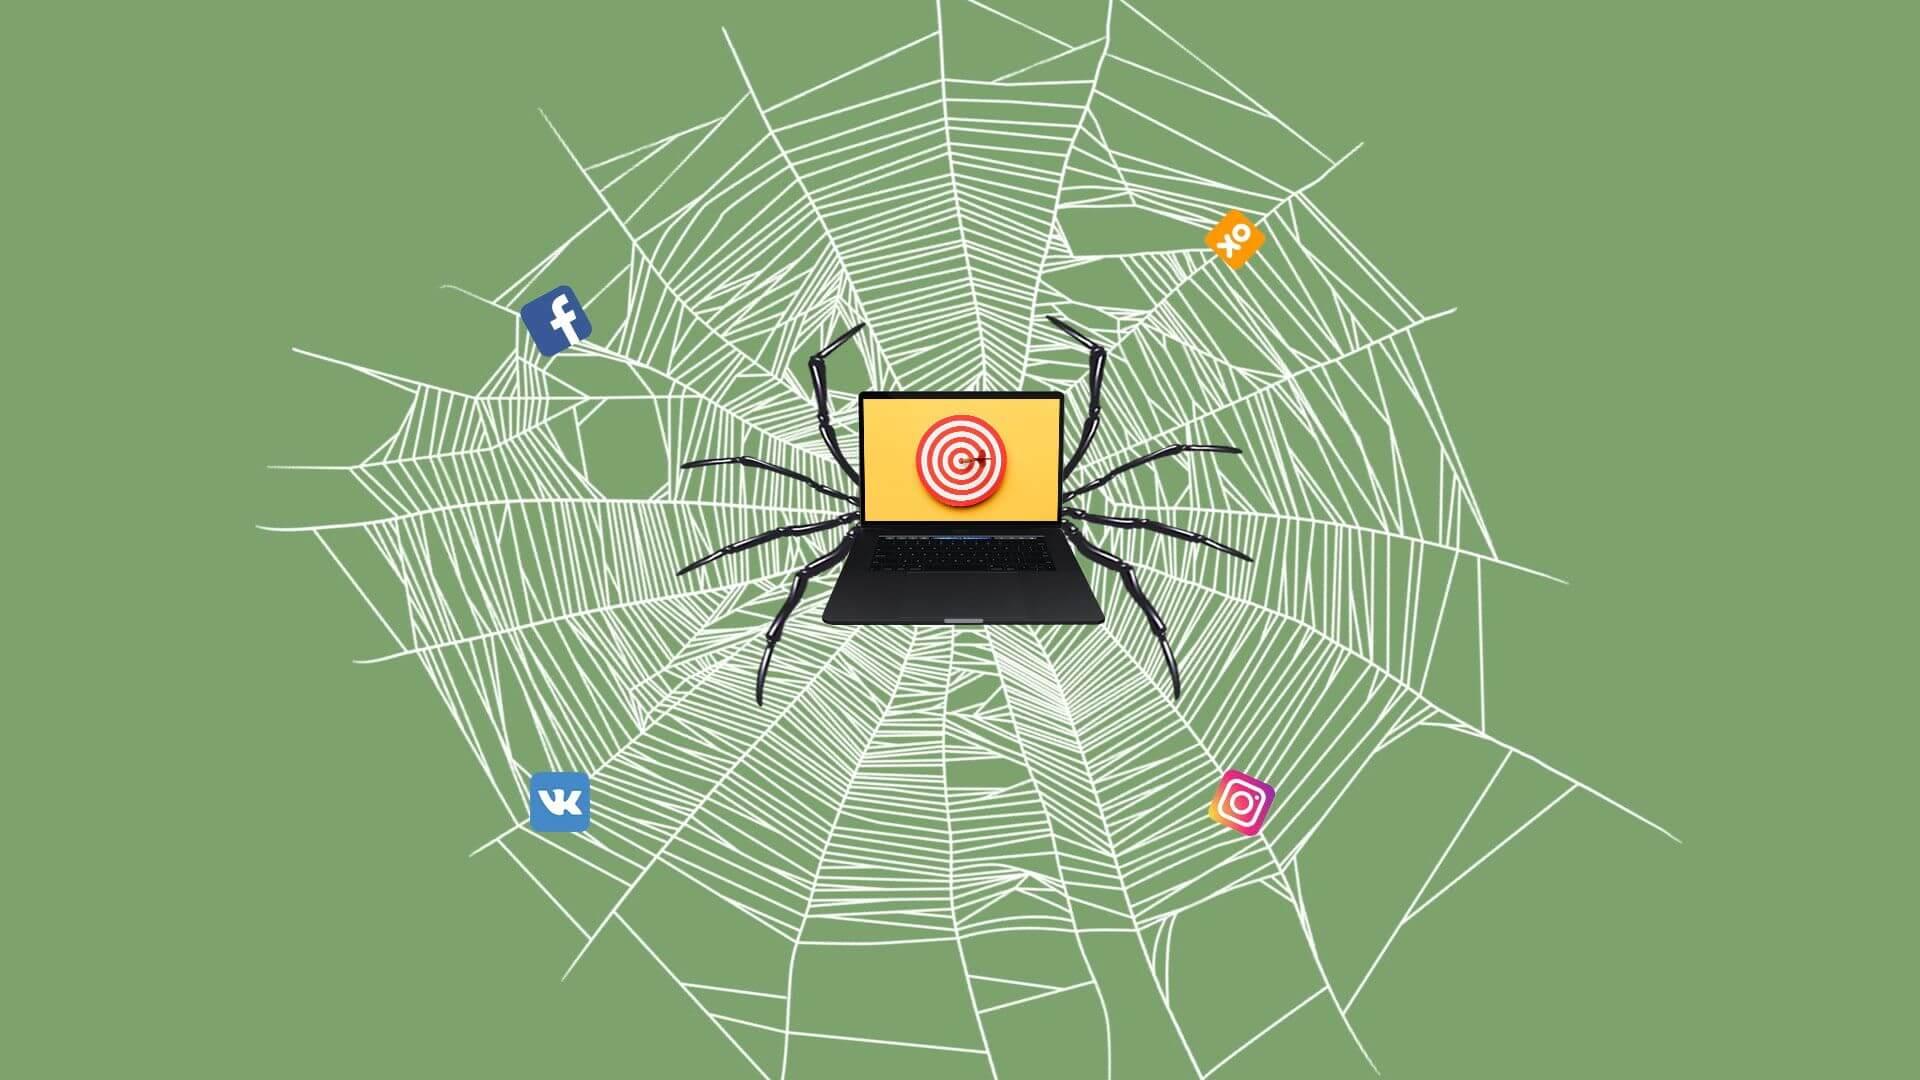 Таргетолог для онлайн-школы или искусство продвижения в социальных сетях